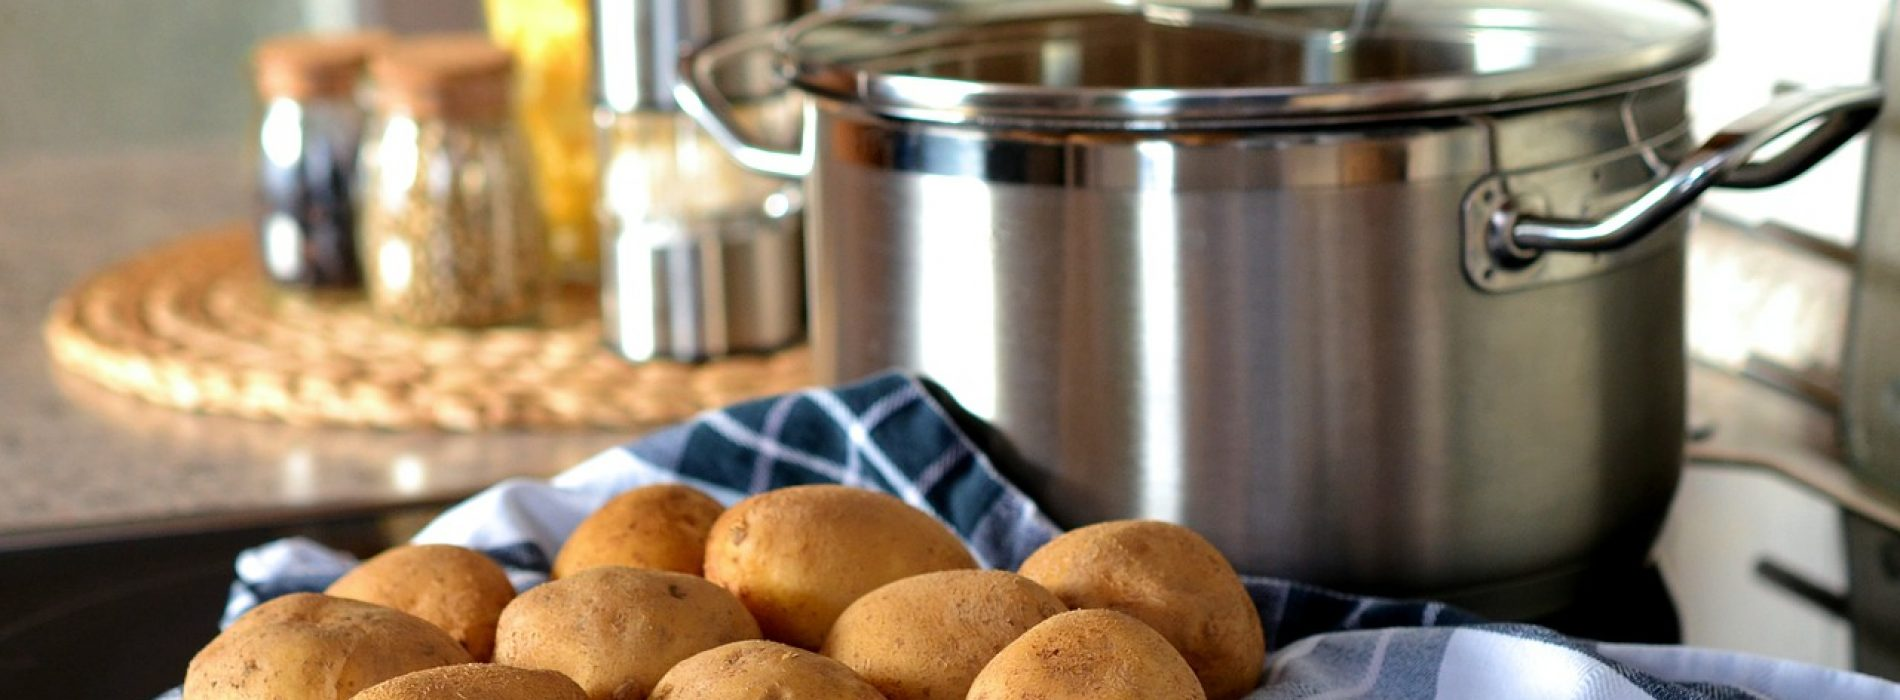 Zes redenen waarom aardappelen goed voor je zijn